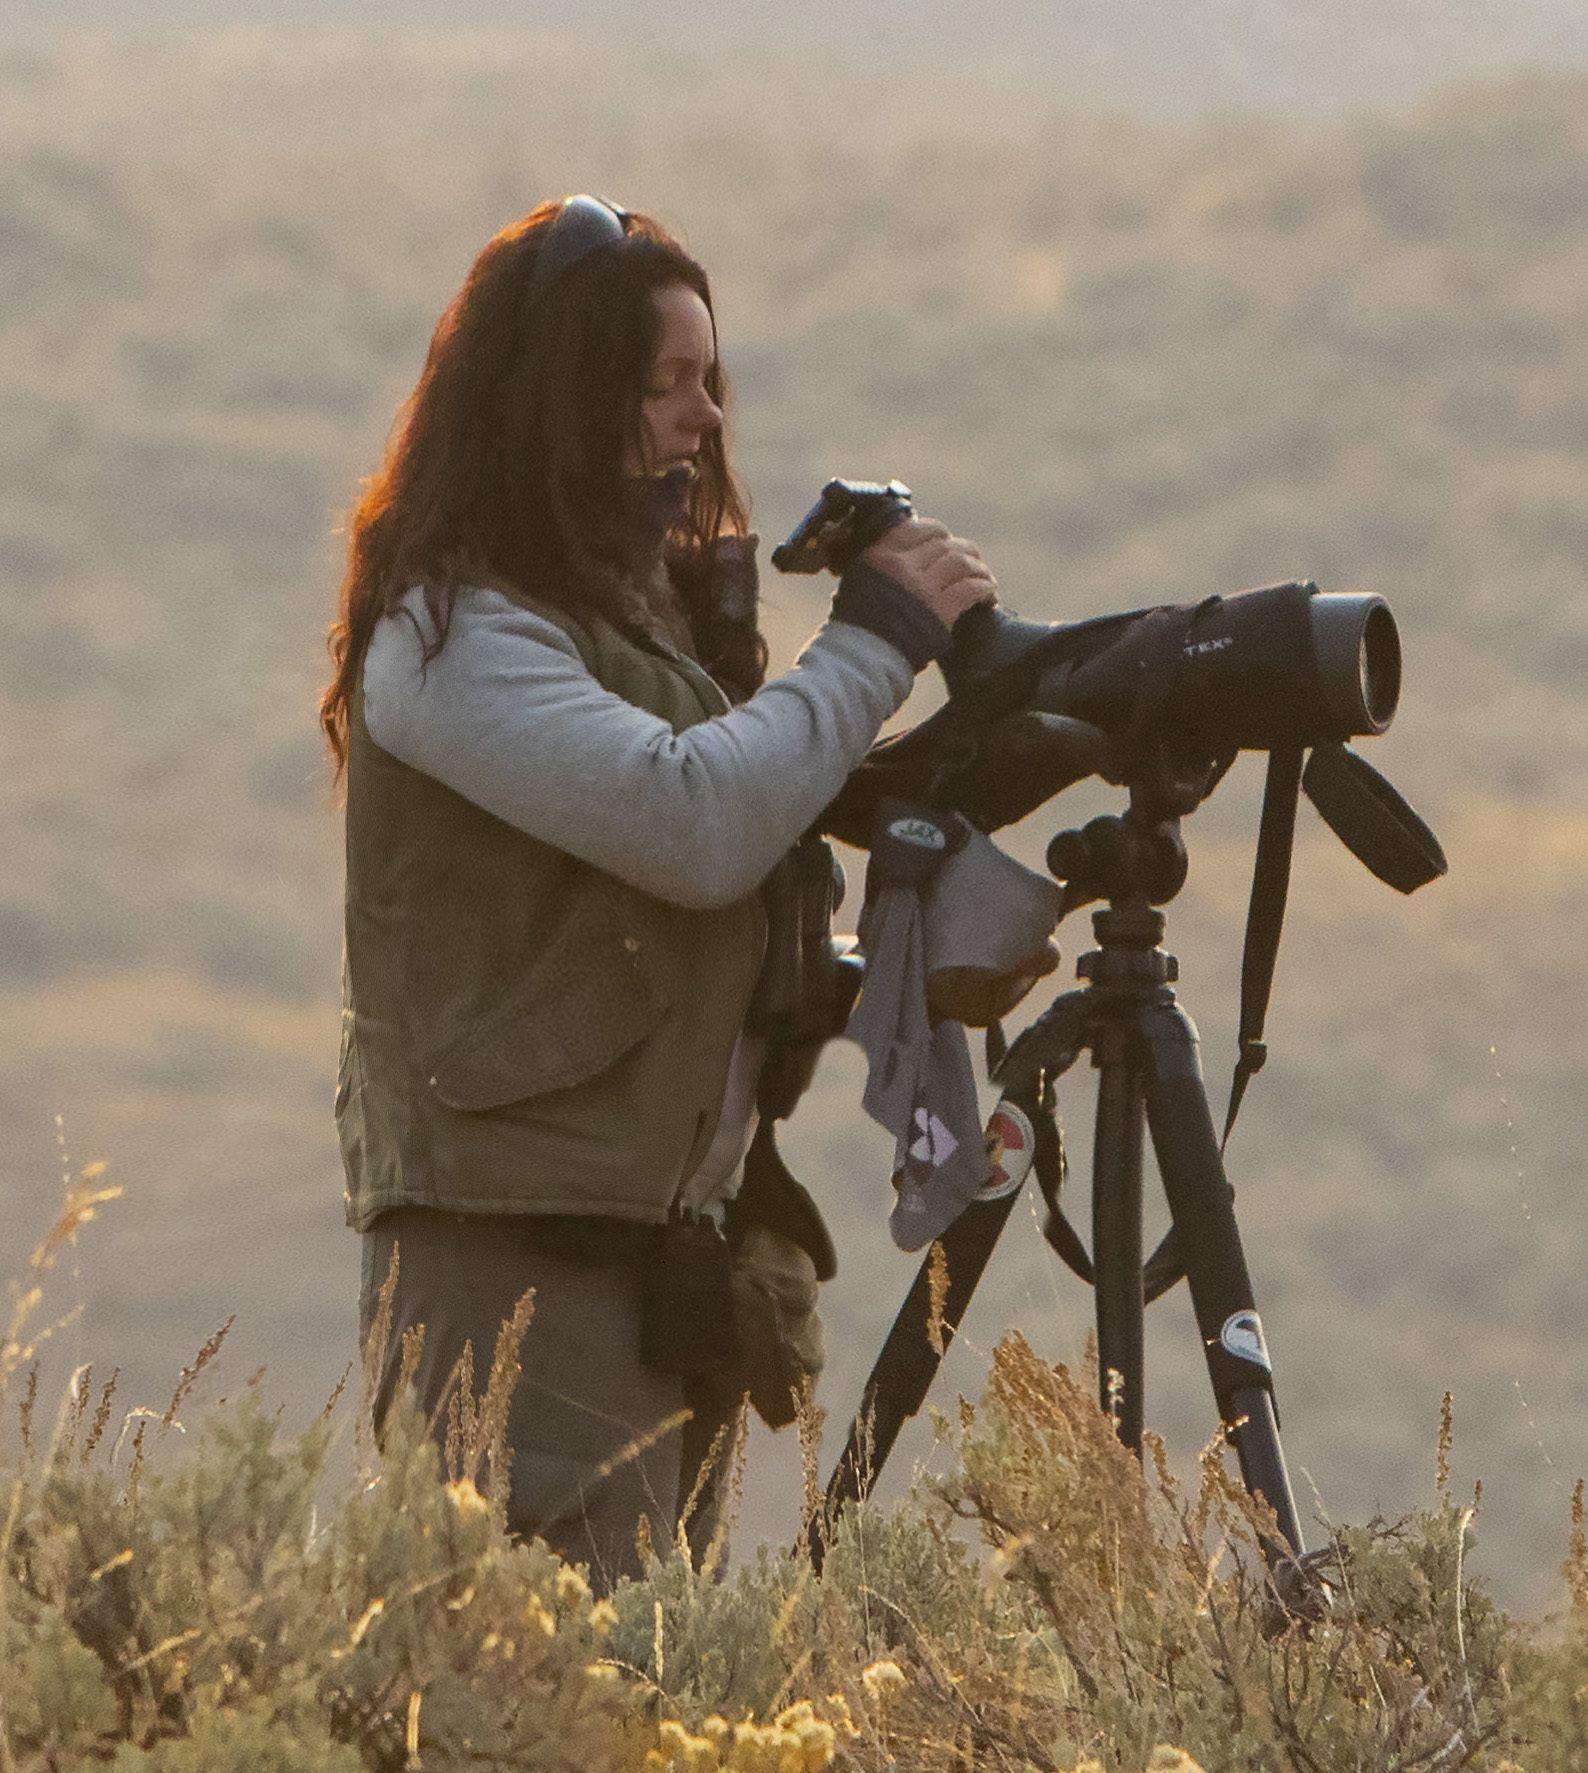 Krisztina Gayler at Yellowstone September 2020 (c) Heidi Pinkerton